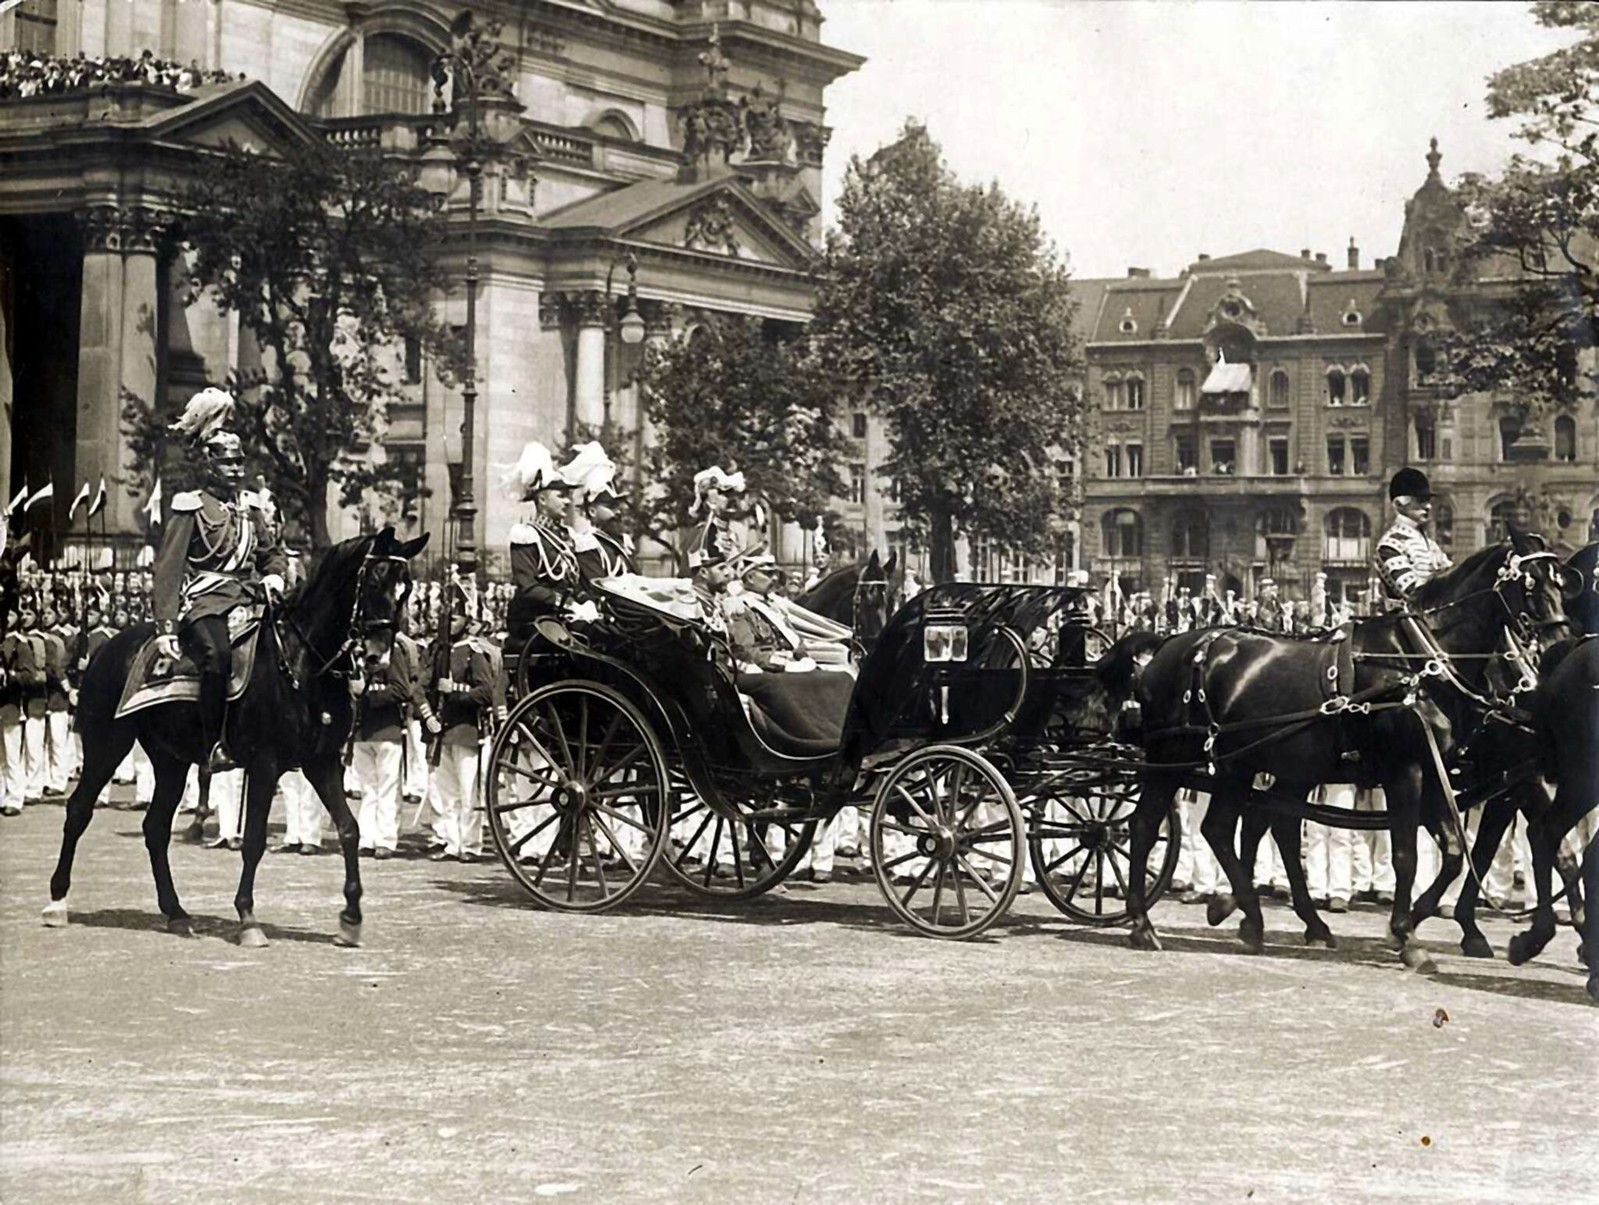 1913. Царь Николай II, Вильгельм II и герцог Камберлендский в Берлине 24 мая,